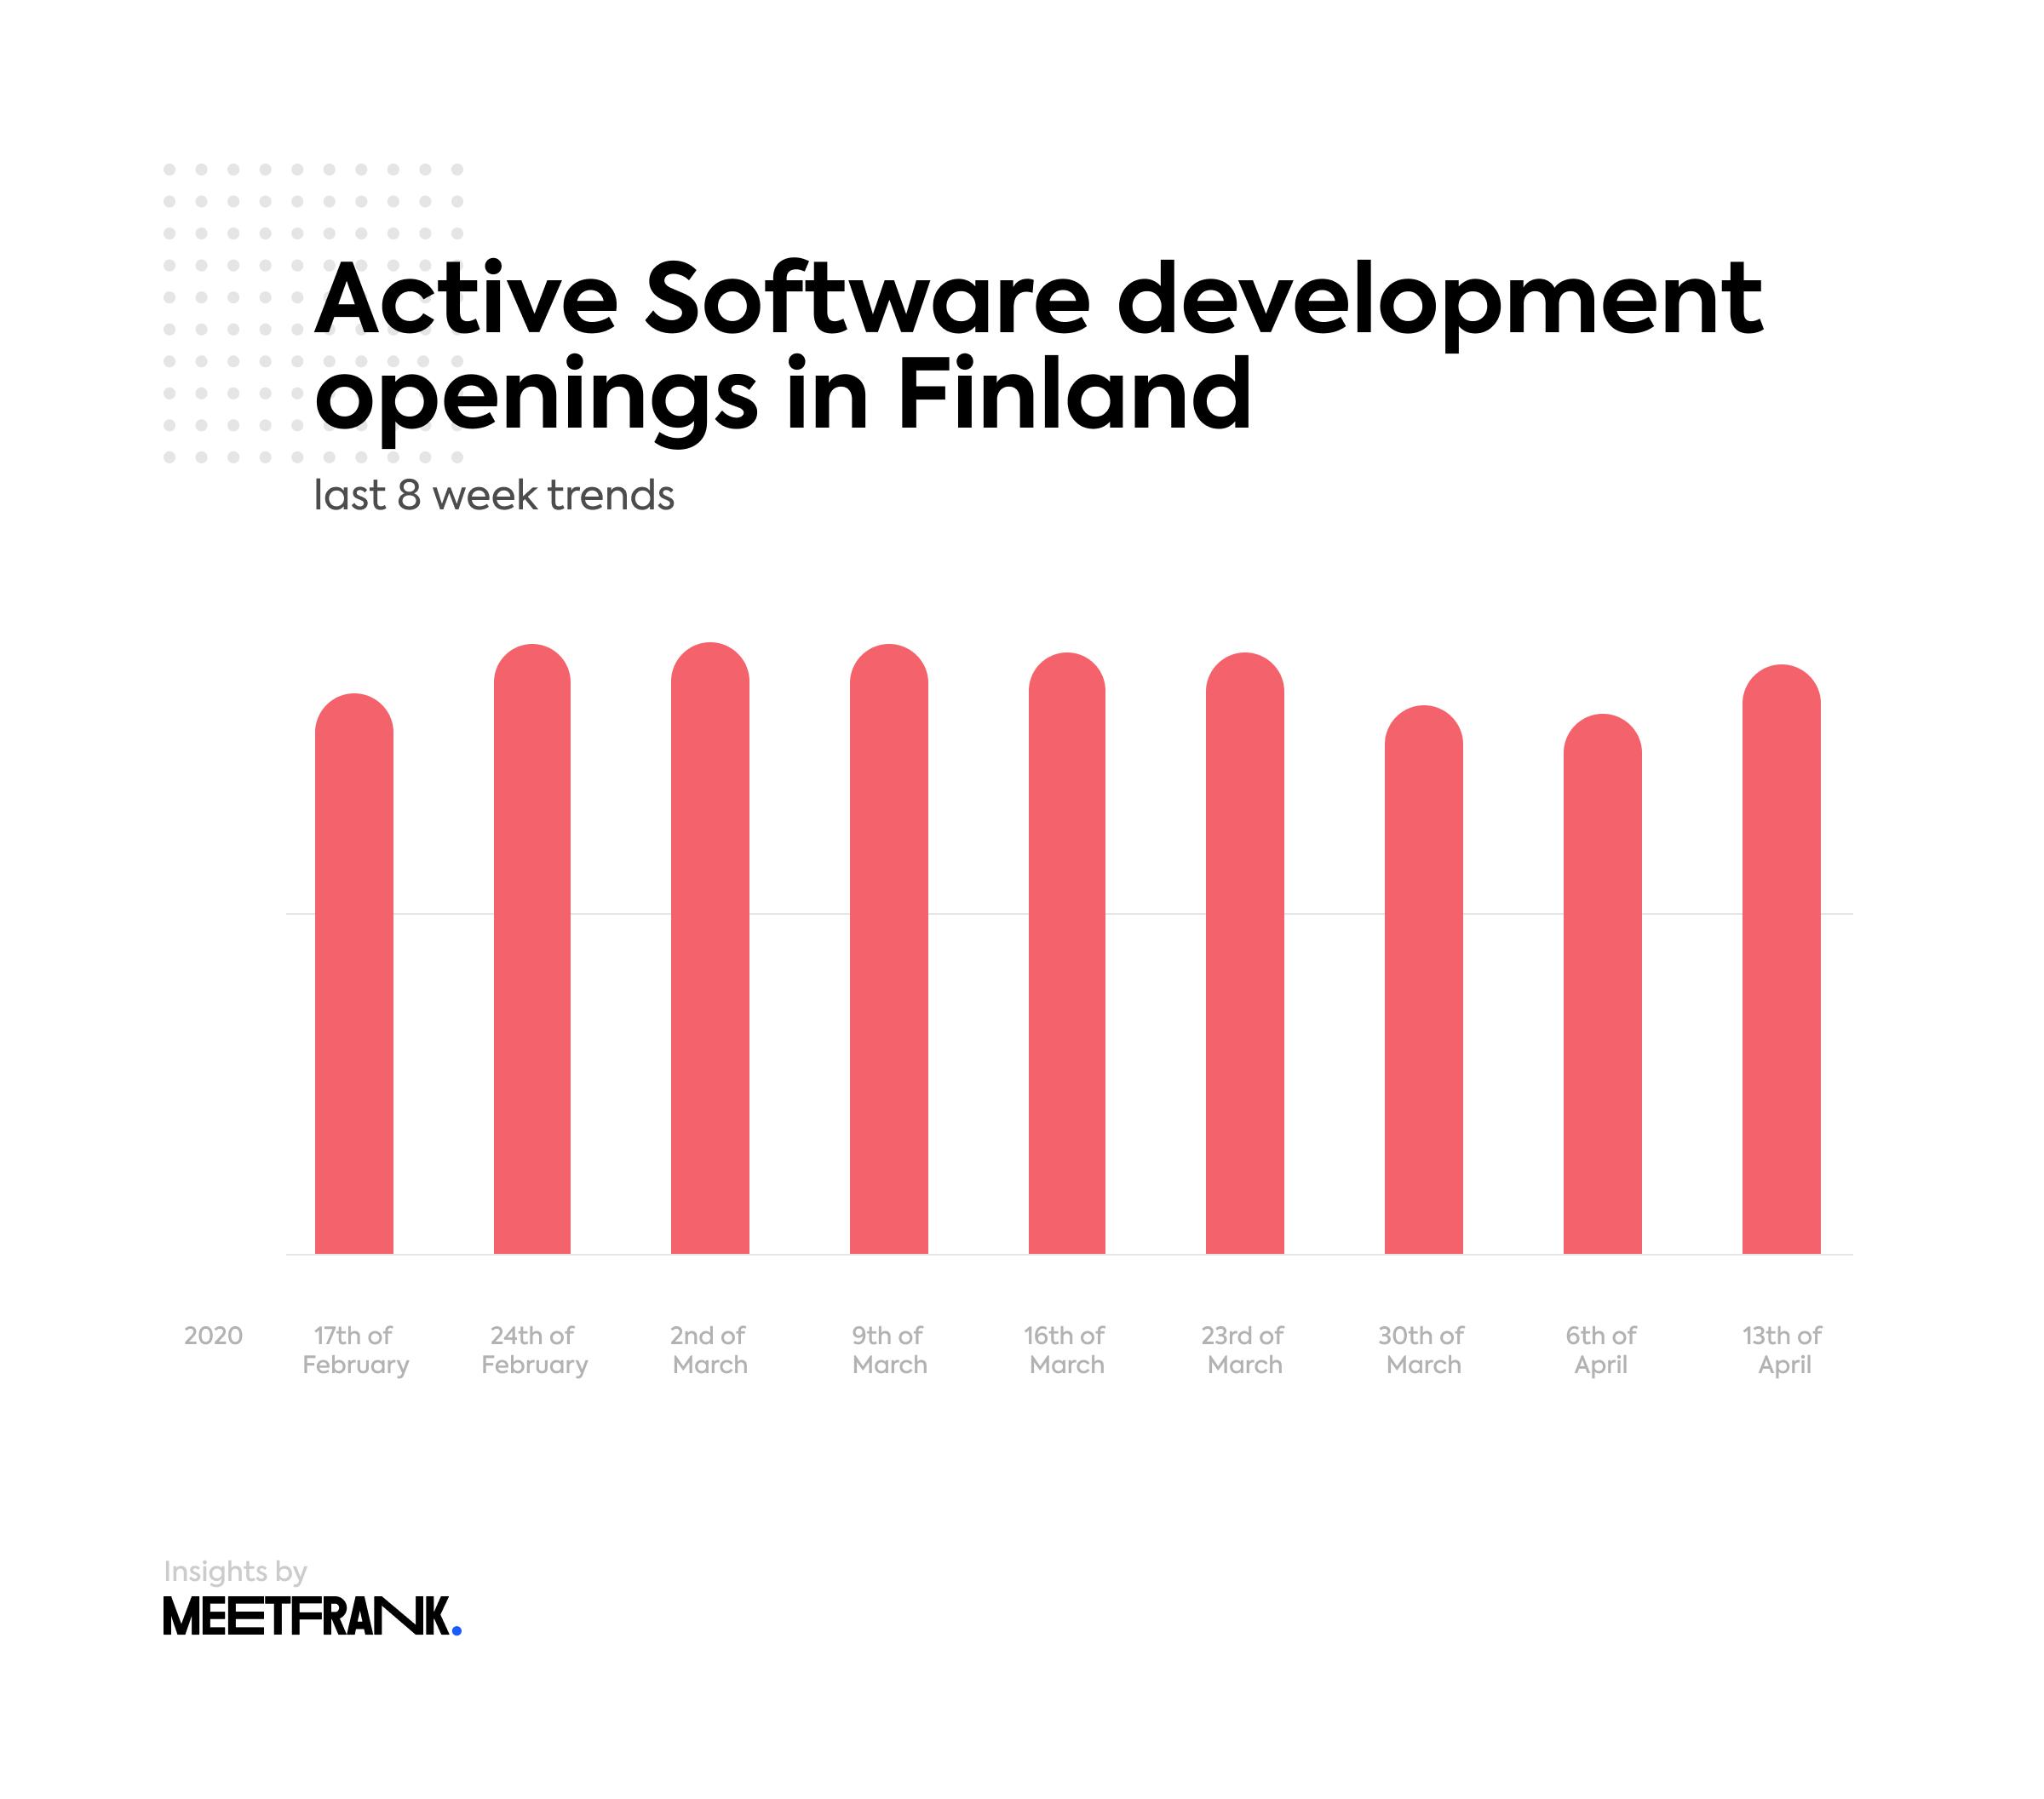 software development openings in Finland